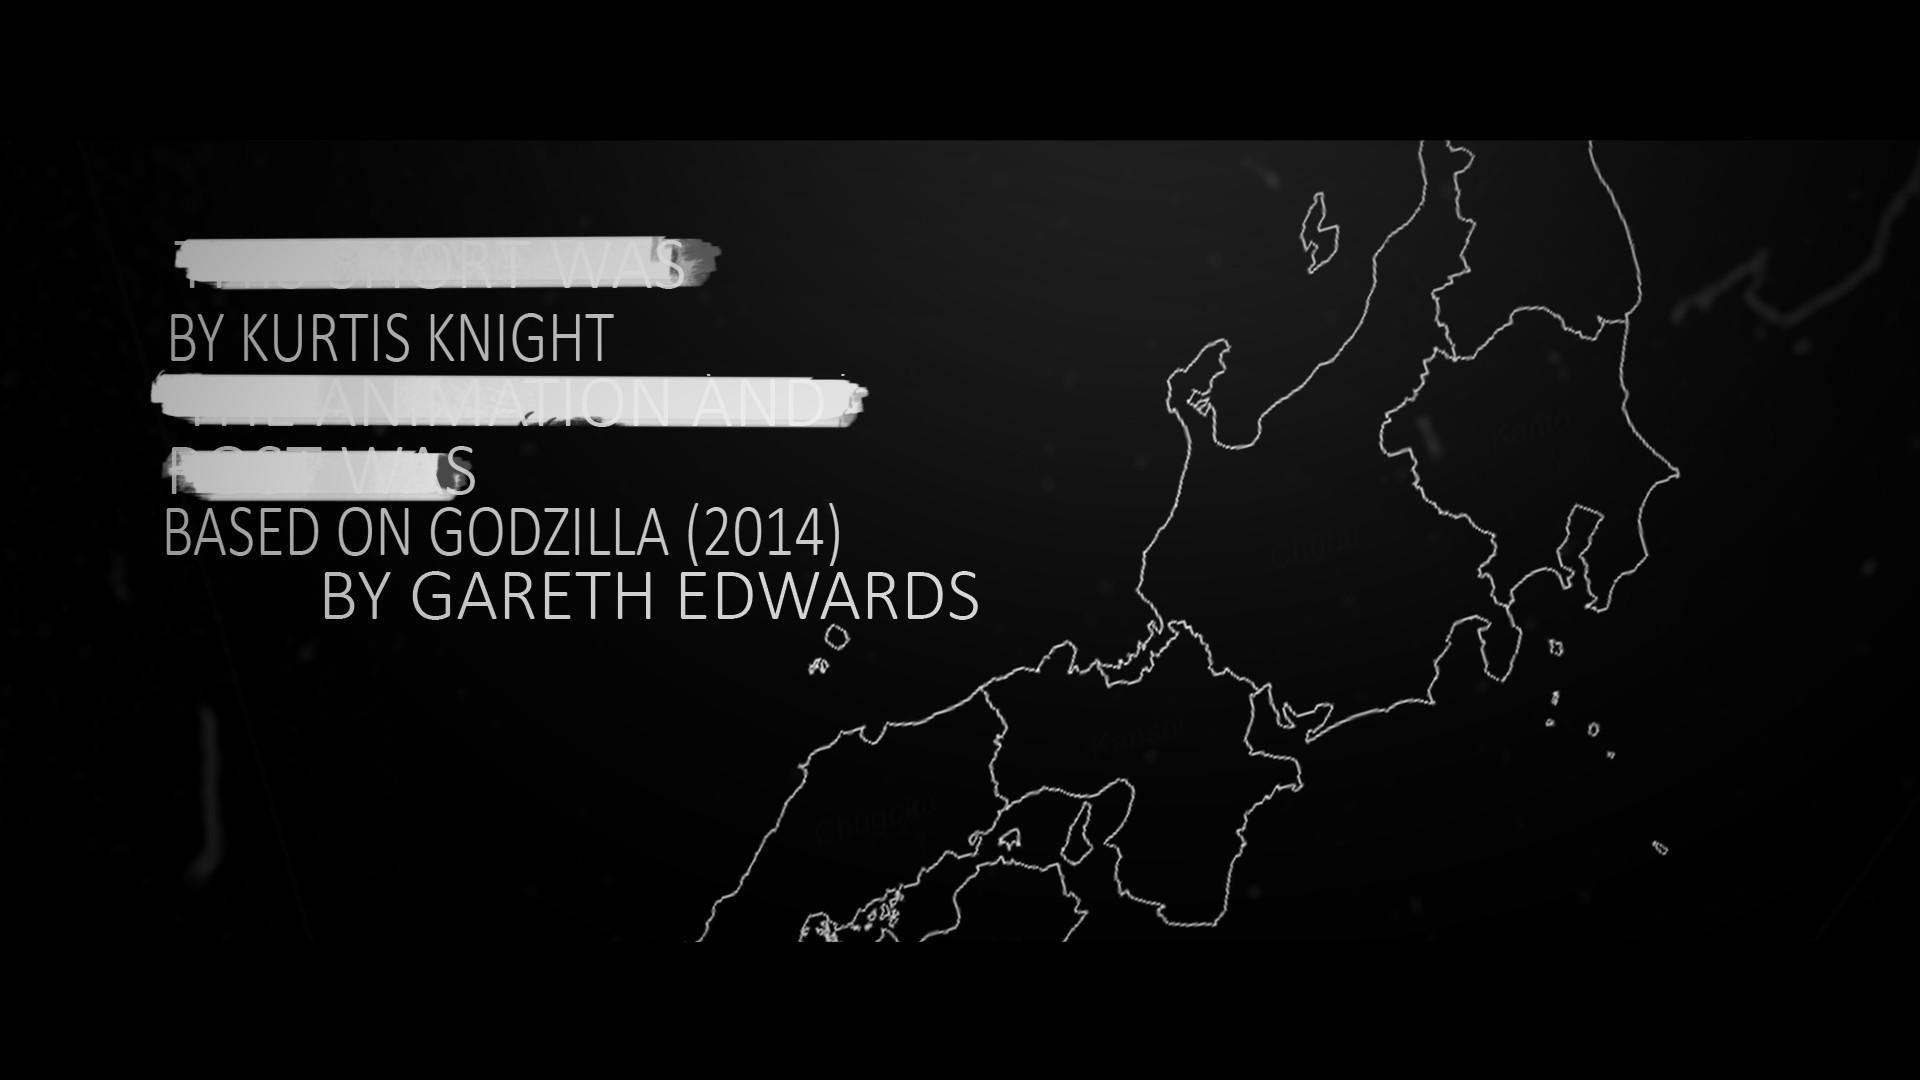 Kurtis knight ballzilla credits